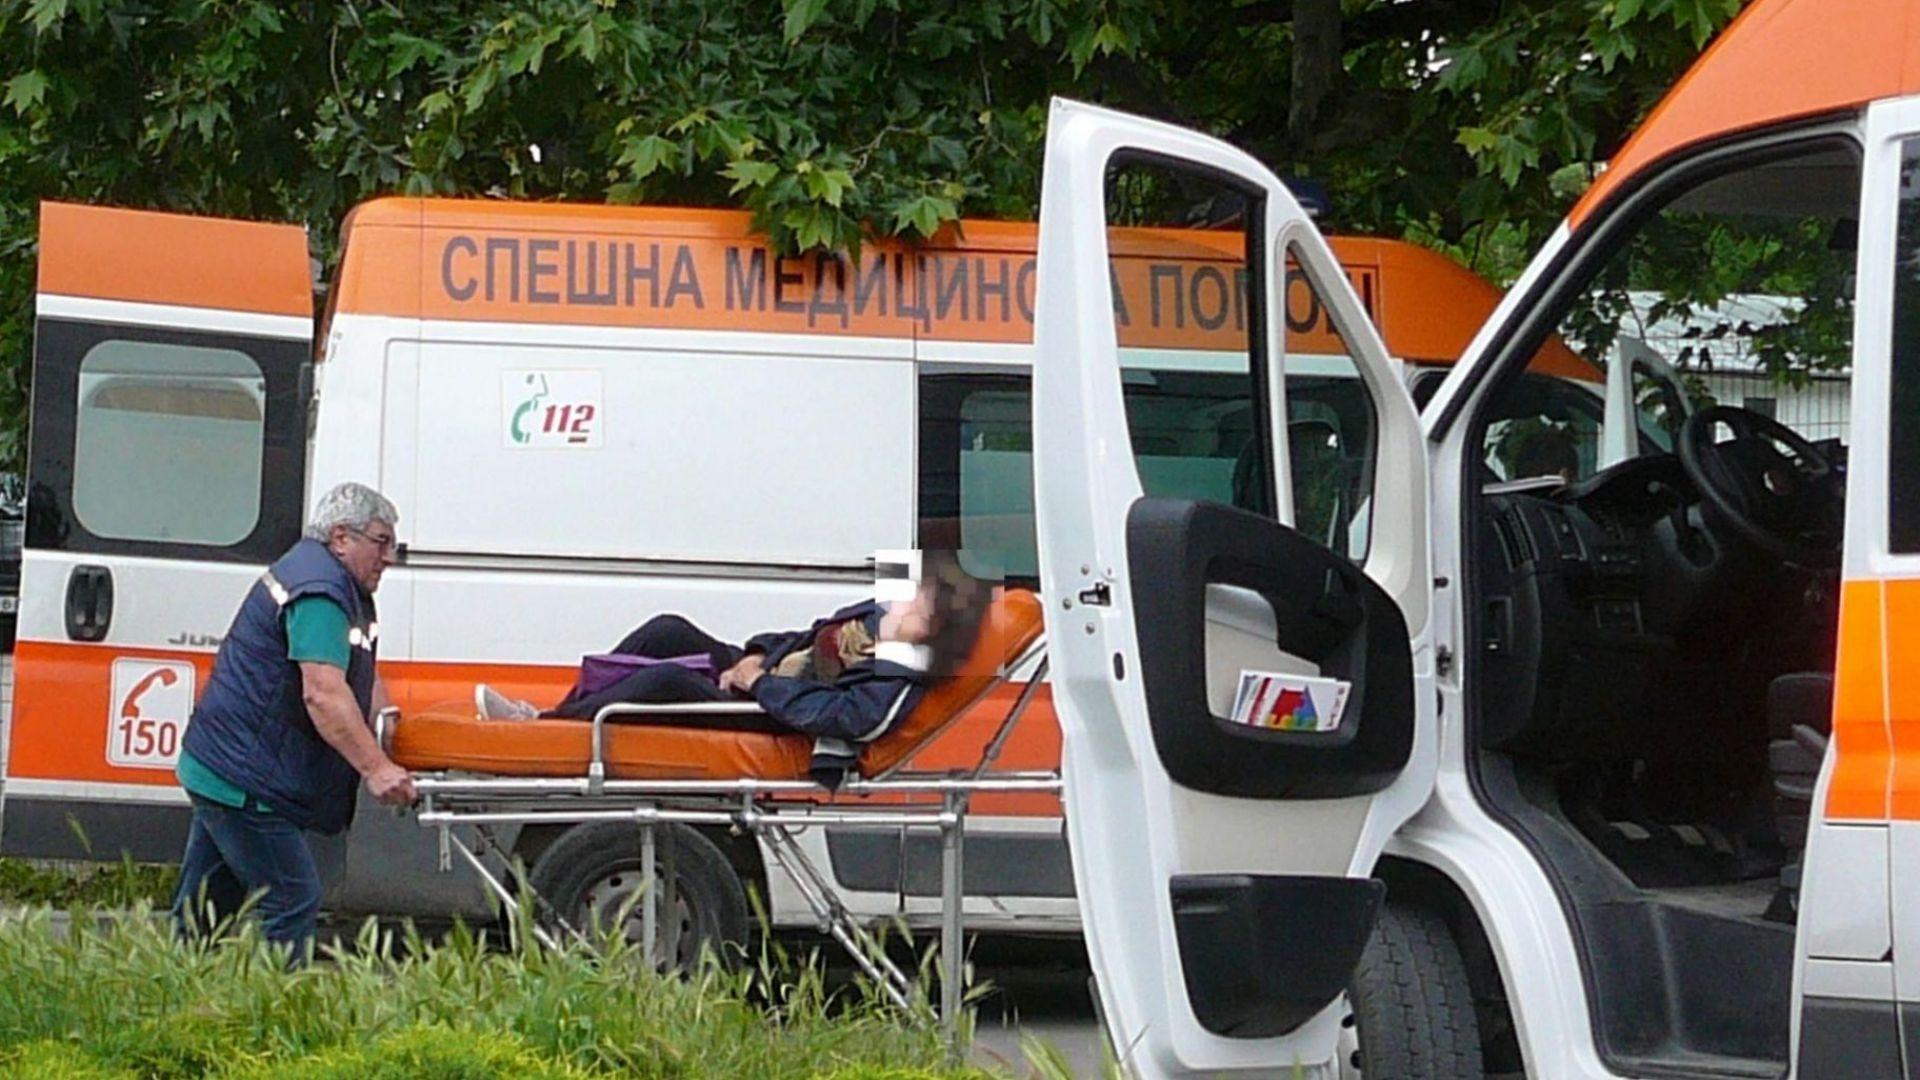 Бус отнесе жена във Варна, лекарите не успяха да я спасят